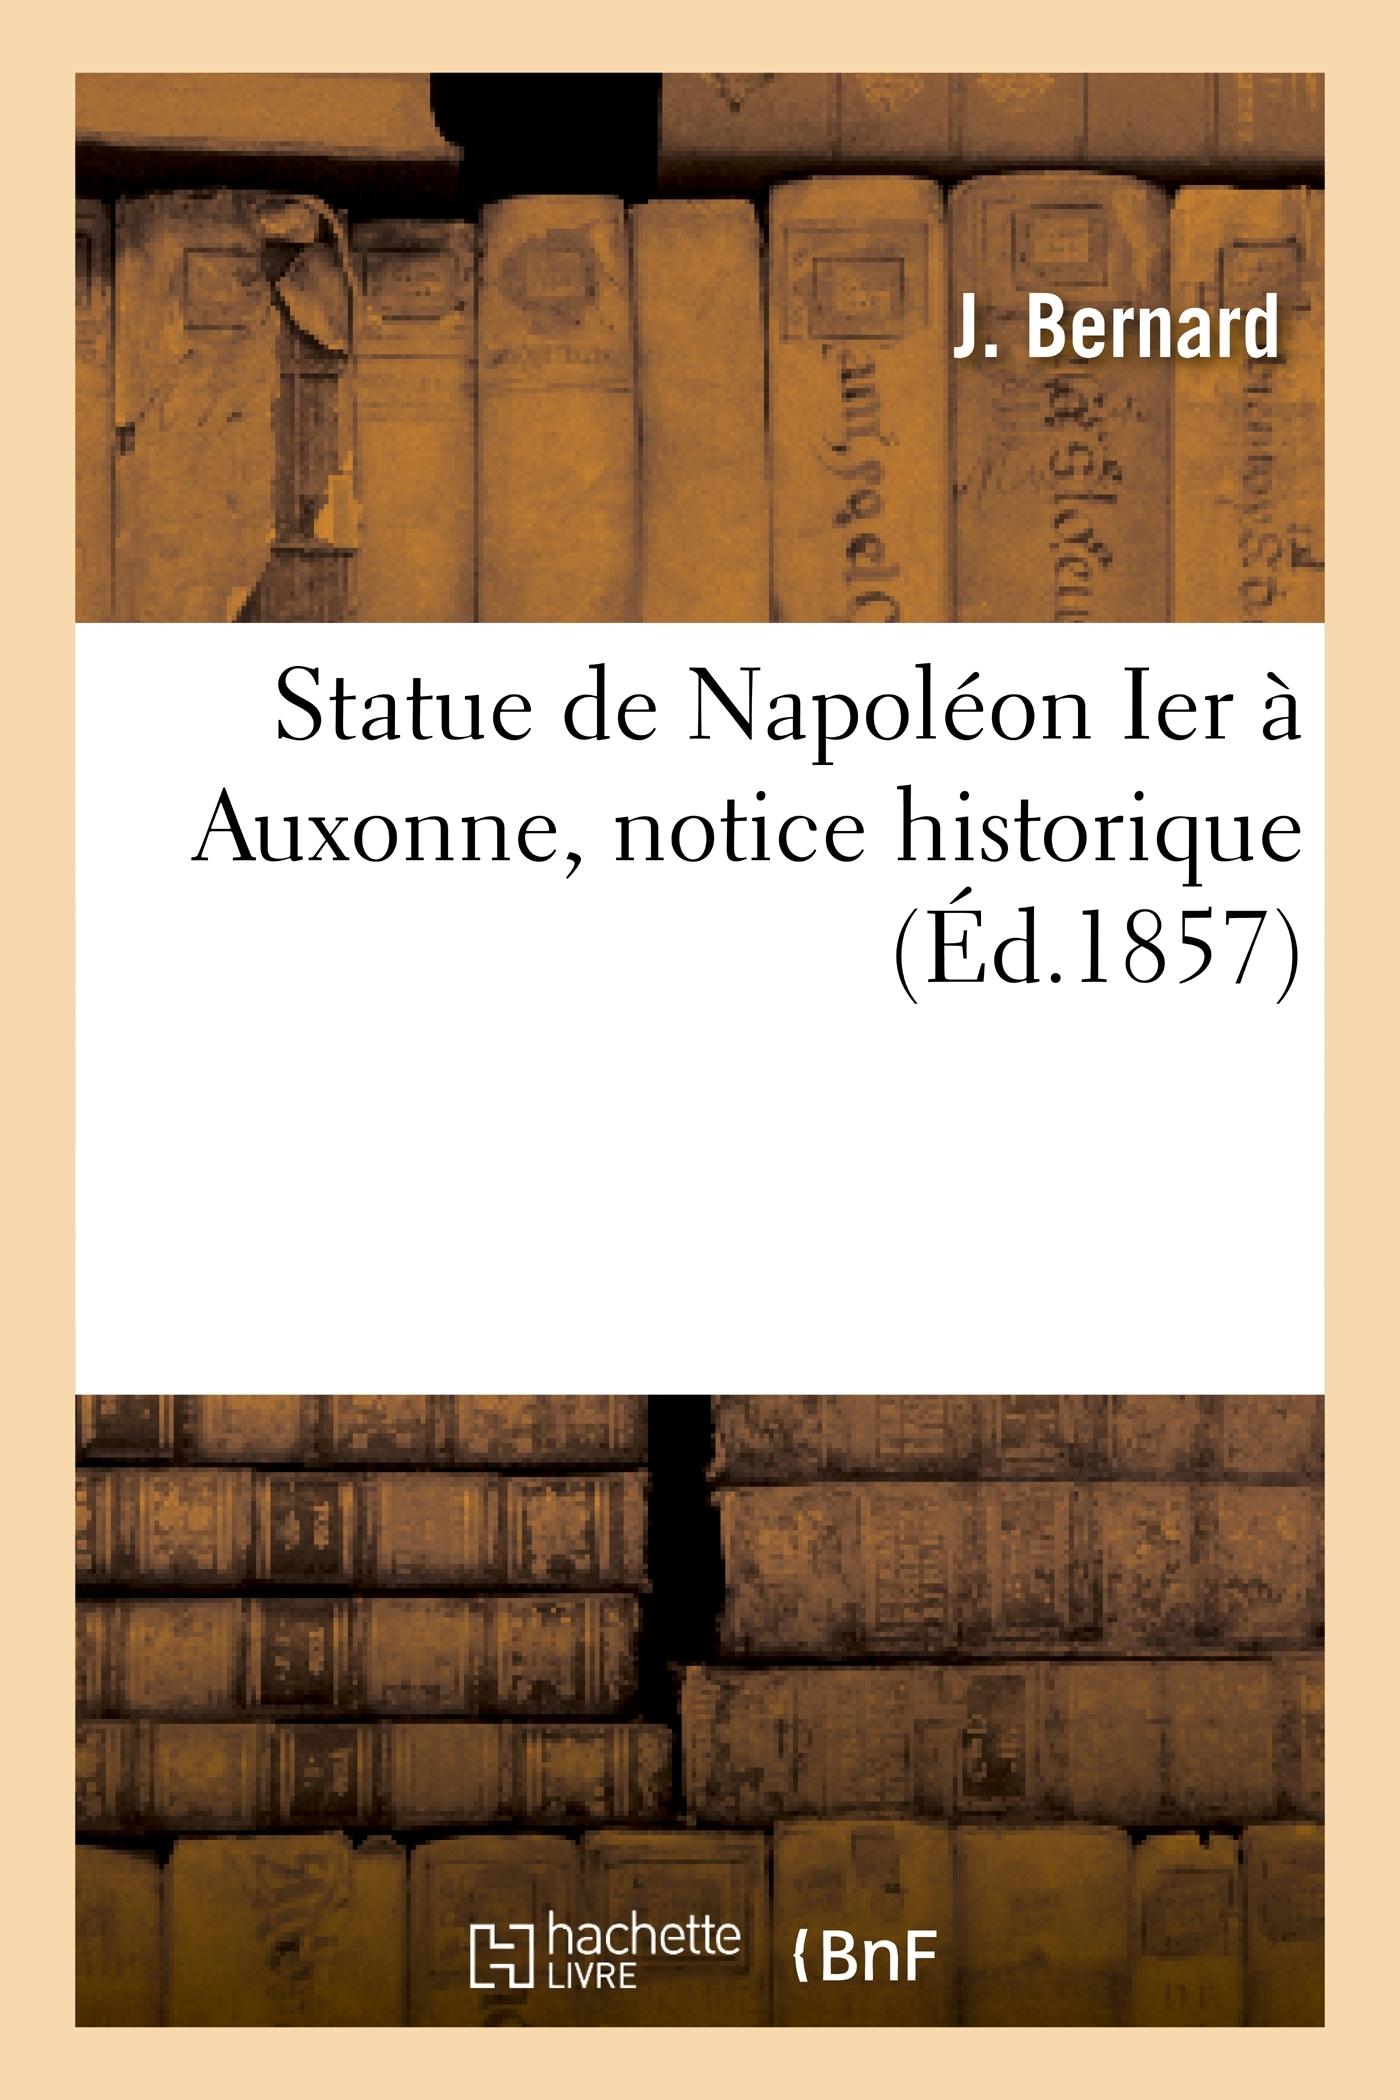 STATUE DE NAPOLEON IER A AUXONNE, NOTICE HISTORIQUE